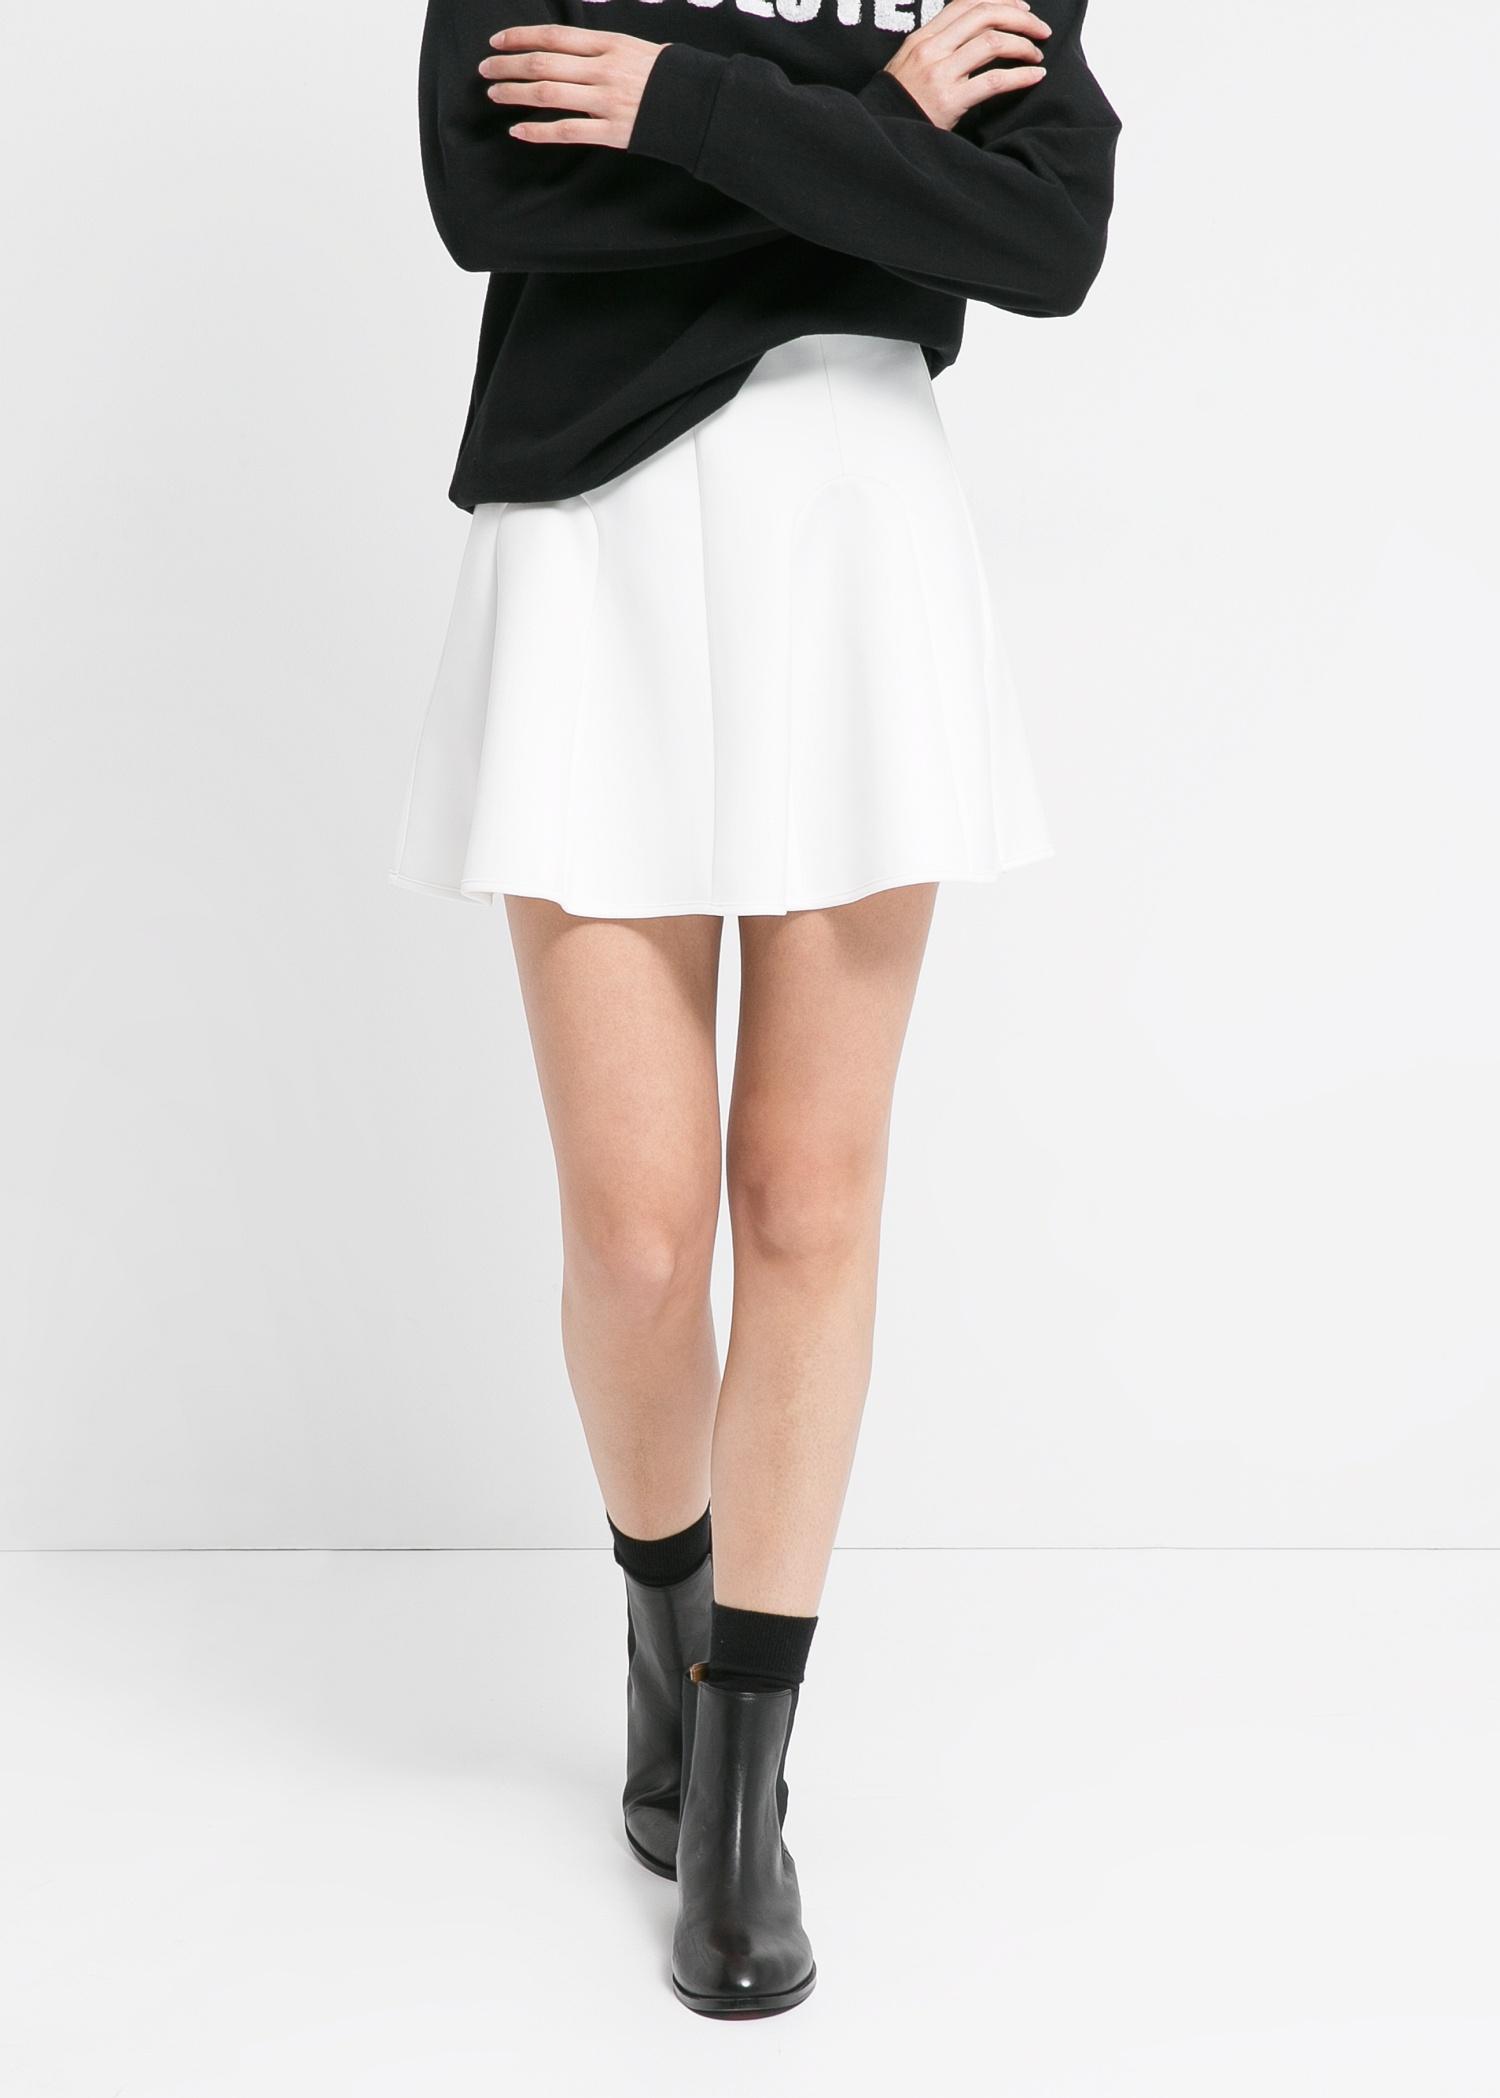 Neoprene-effect skater miniskirt - Women | MANGO